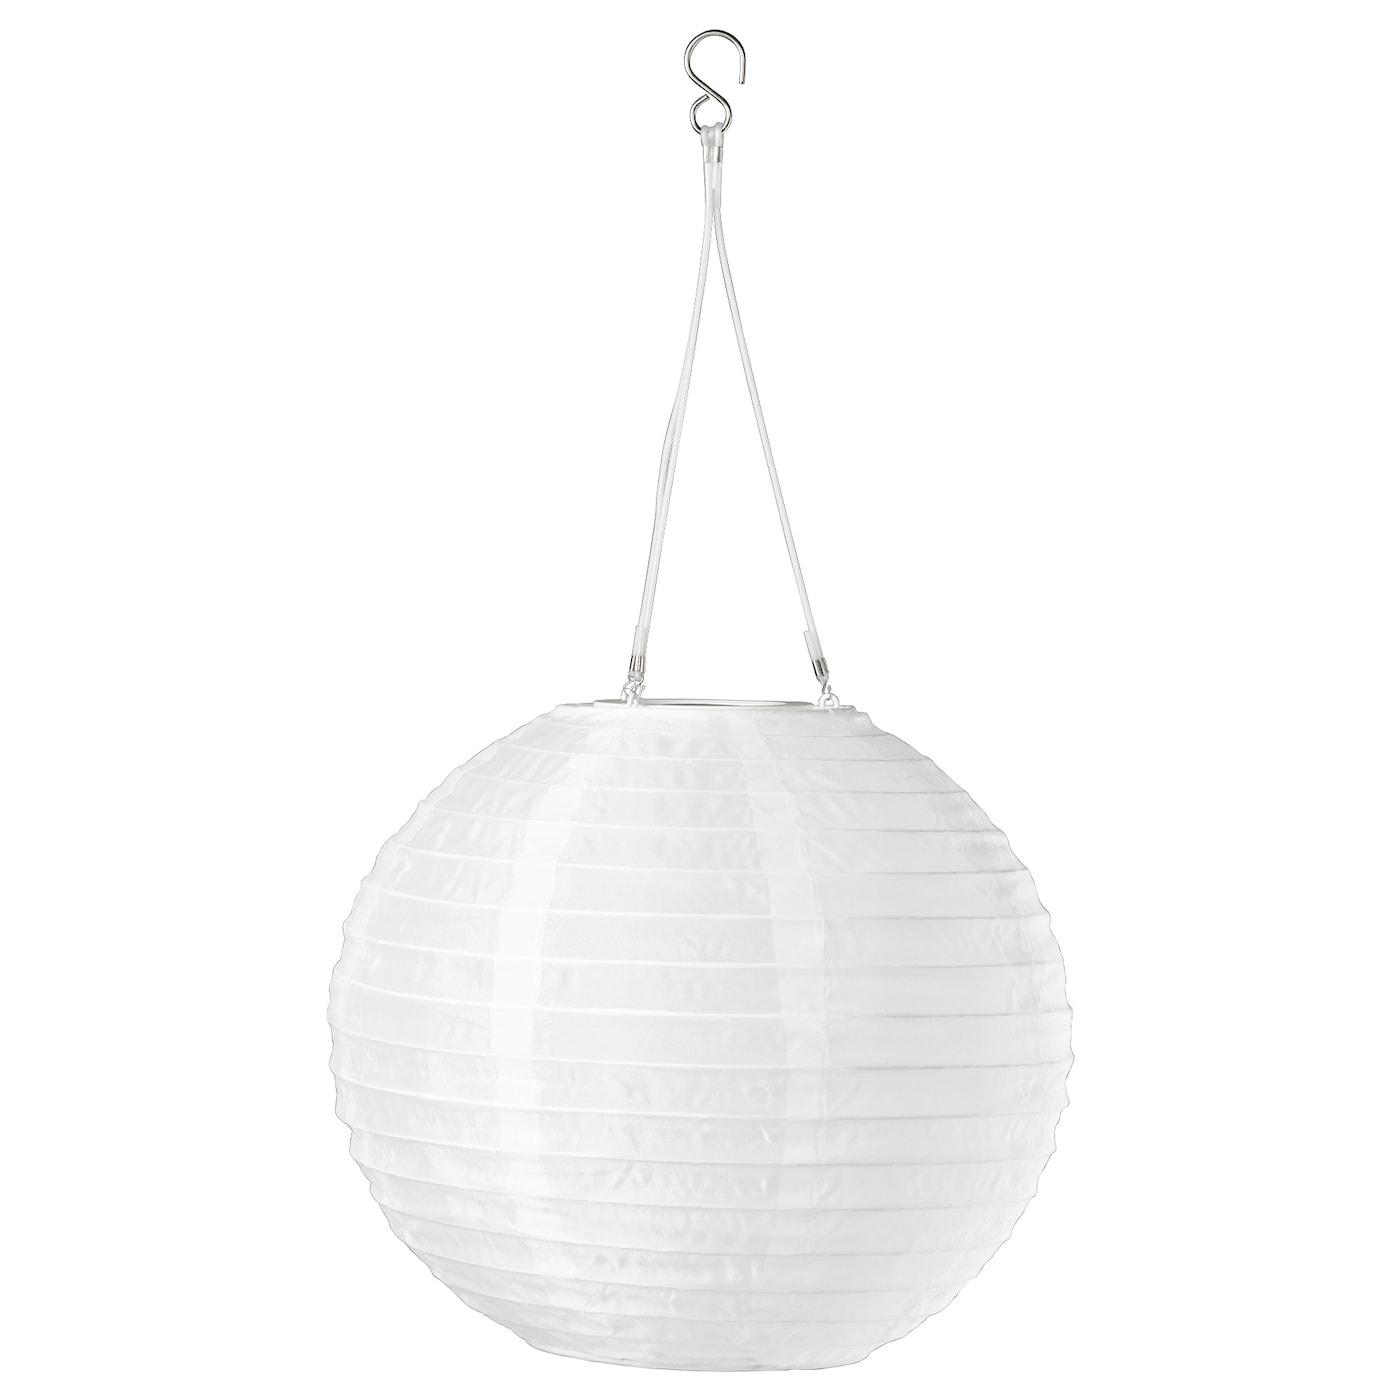 IKEA Solvinden Solarhängeleuchte LED für draußen rund bunt 45 cm NEU